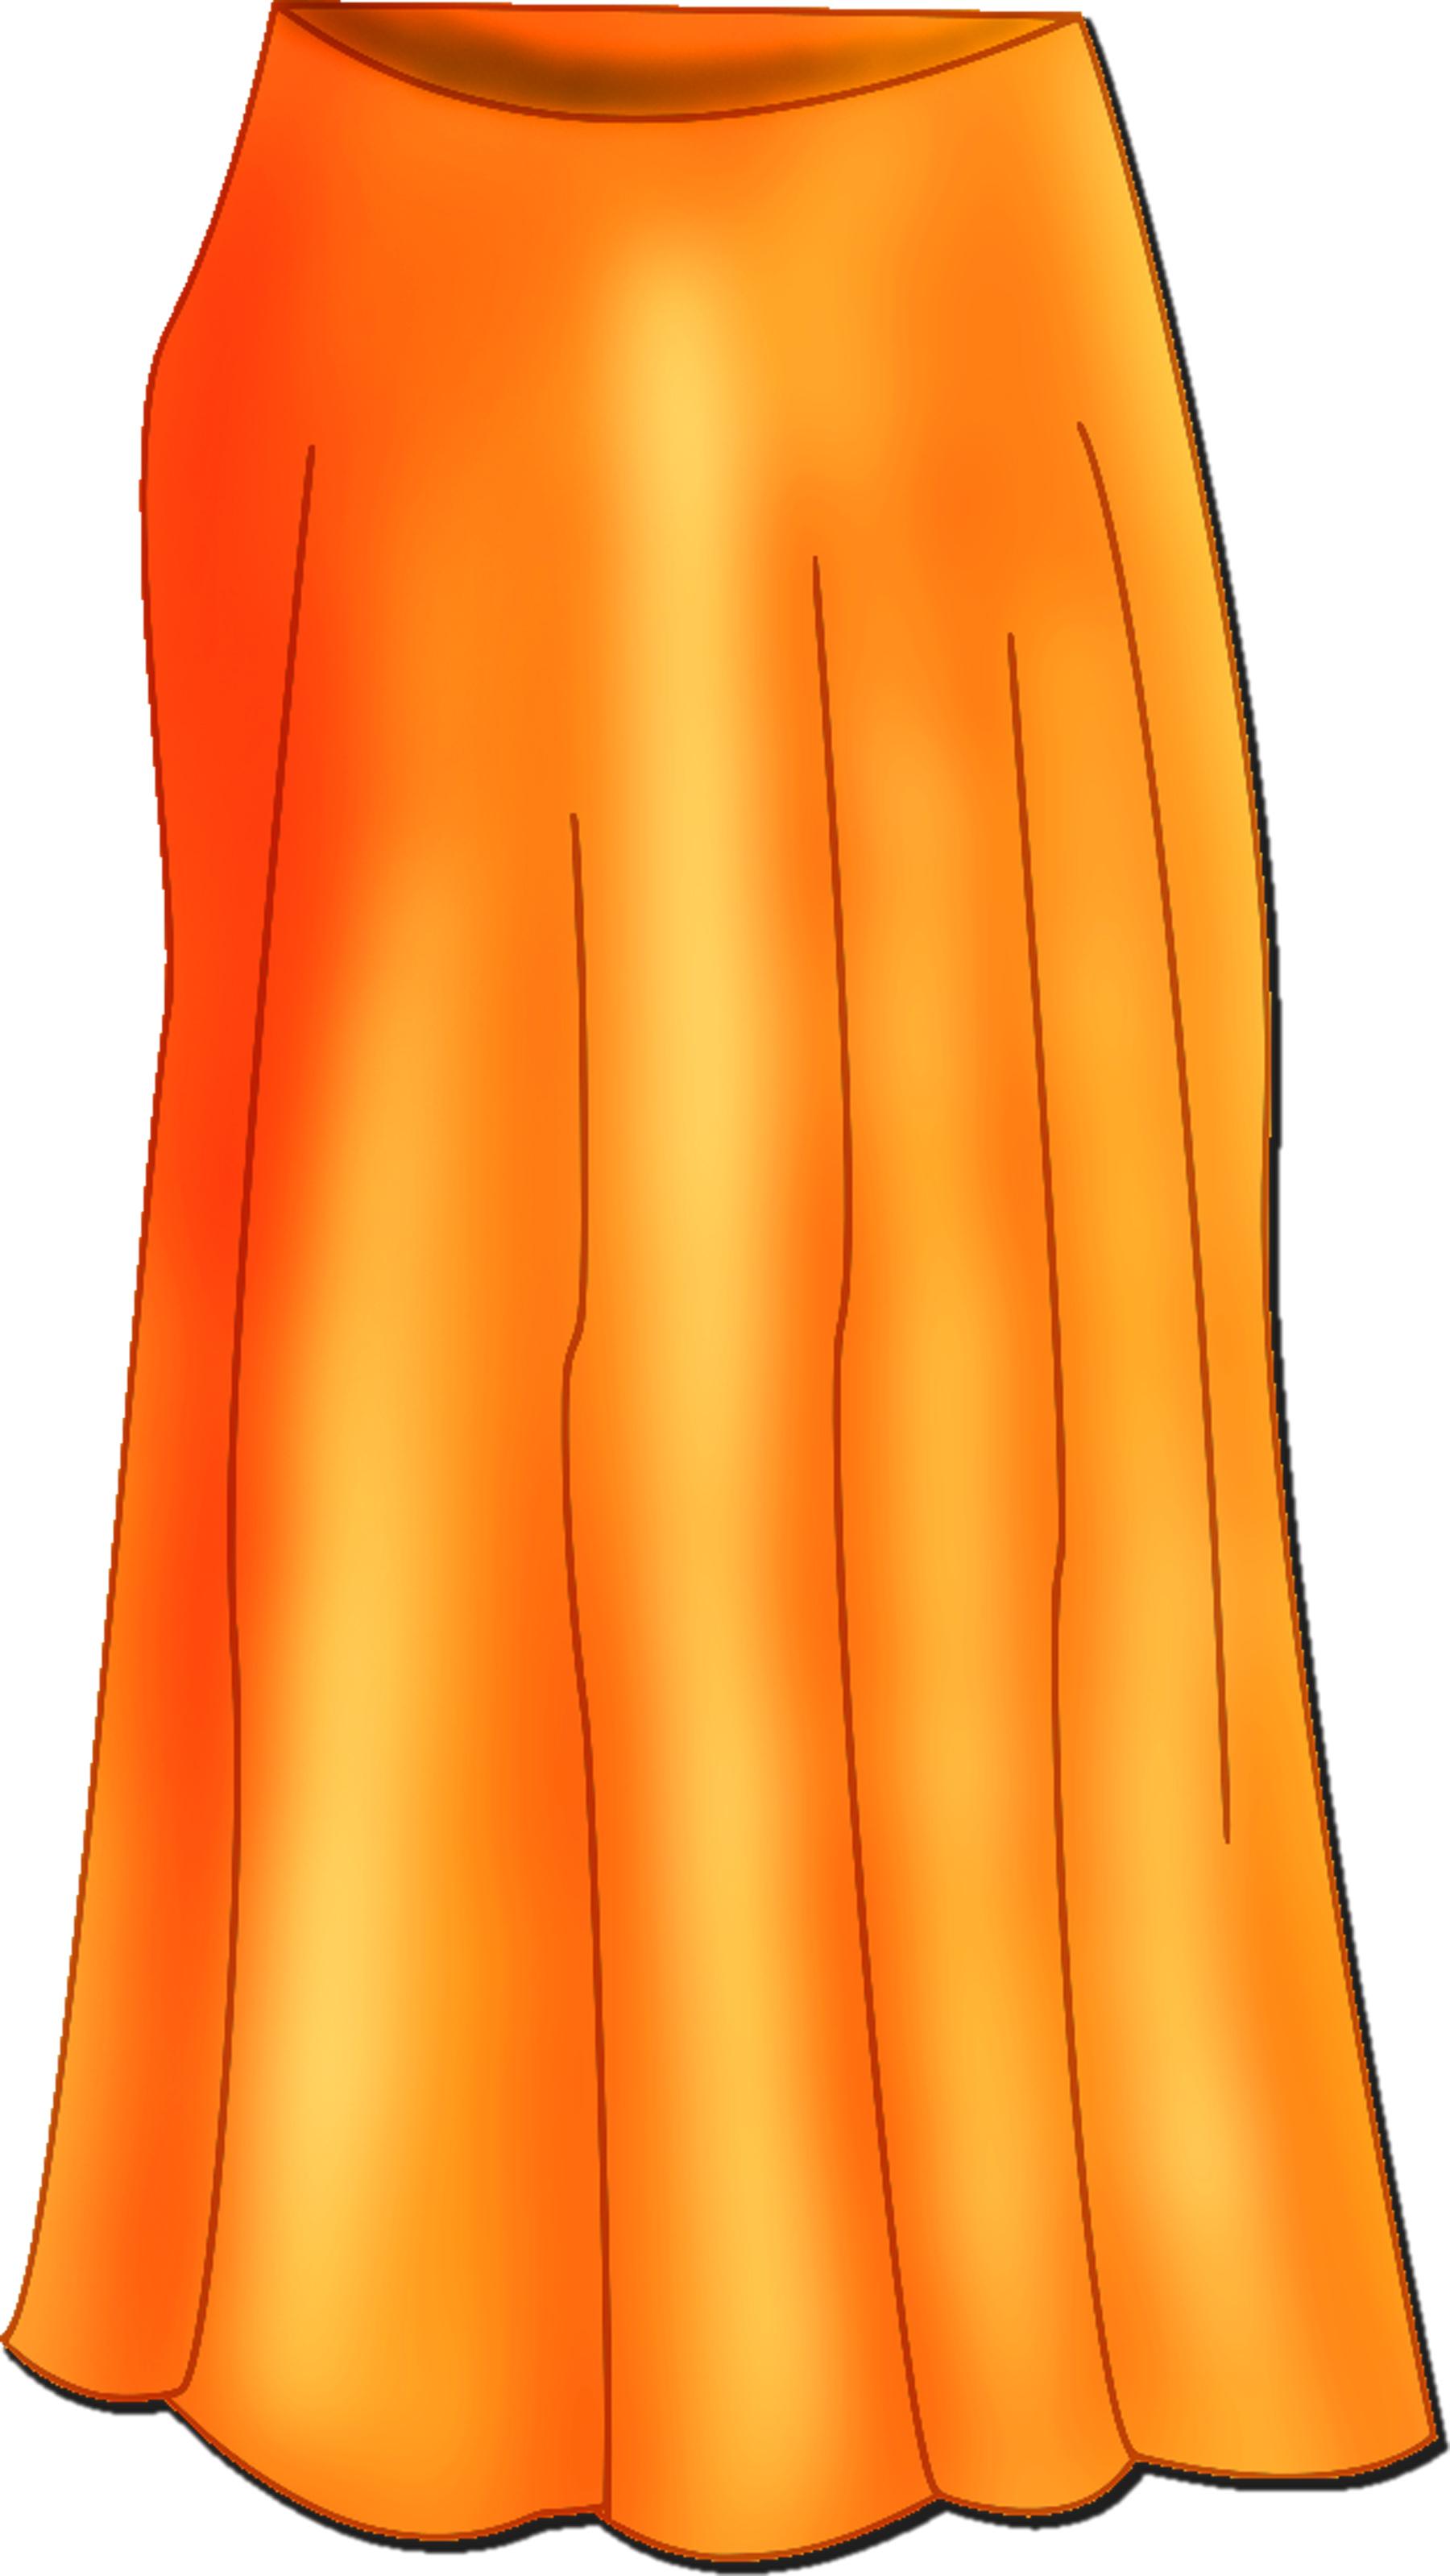 Skirt Clipart-Skirt Clipart-18